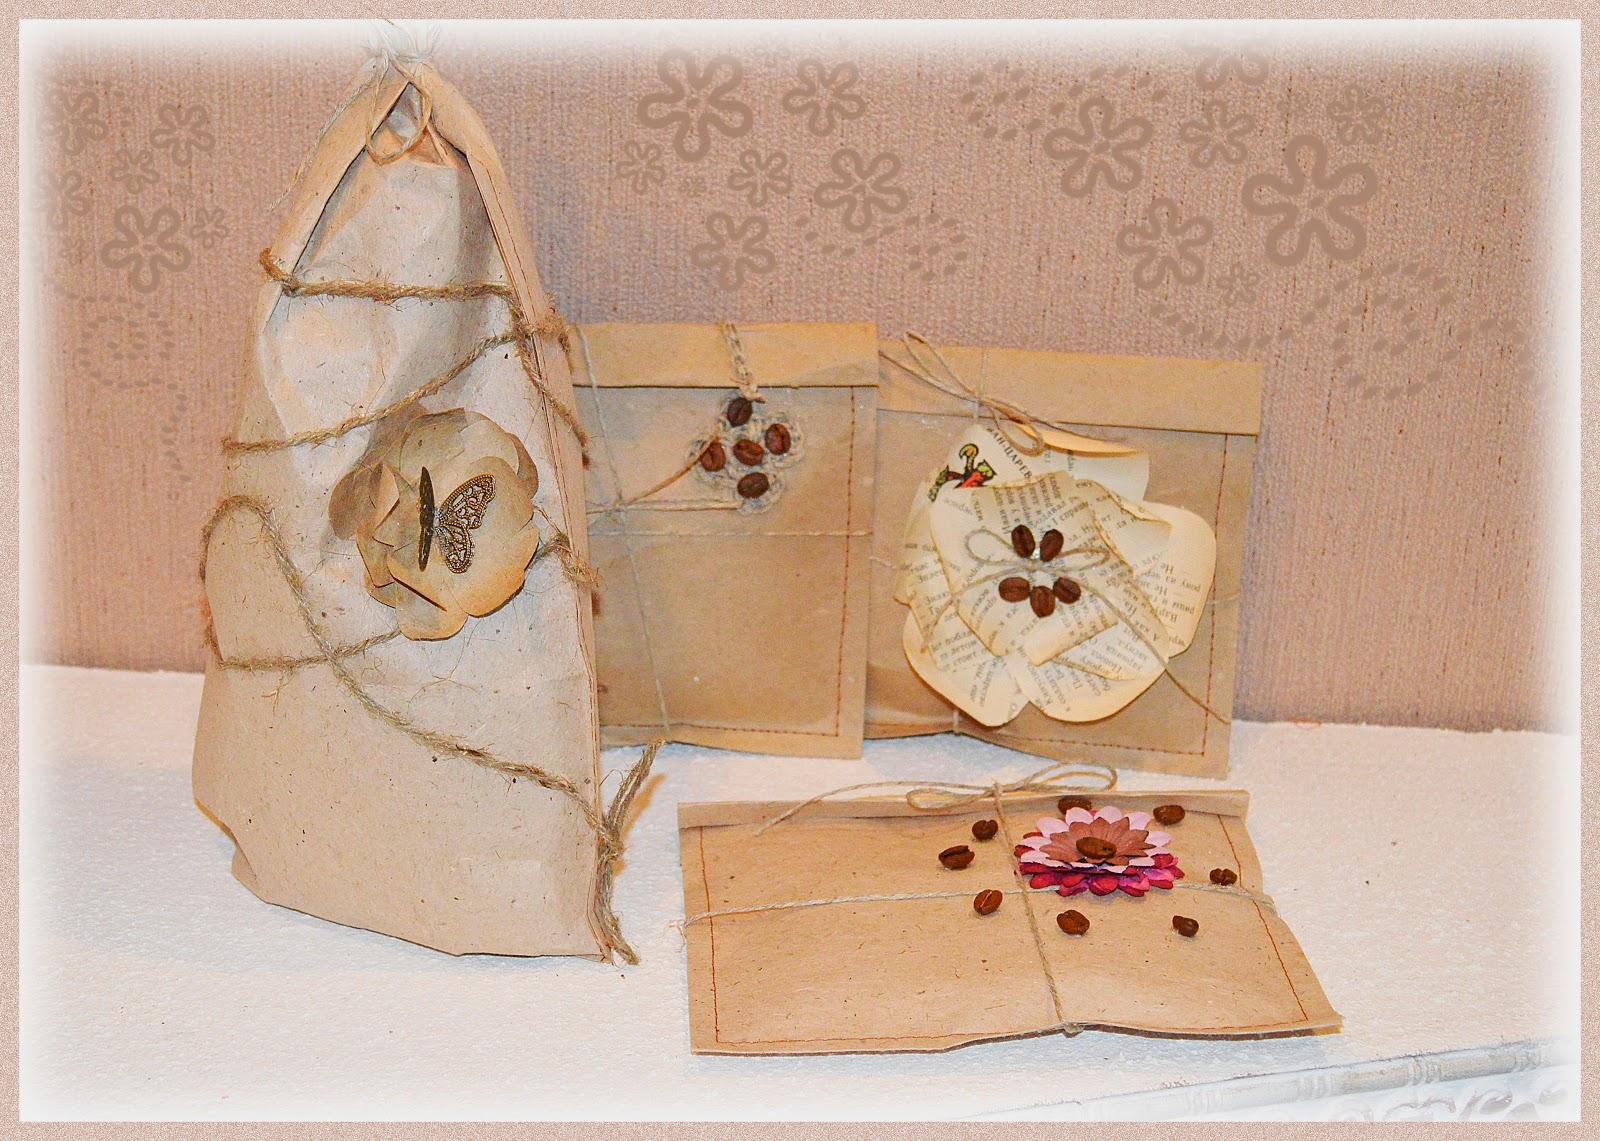 подарочная упаковка из оберточной бумаги